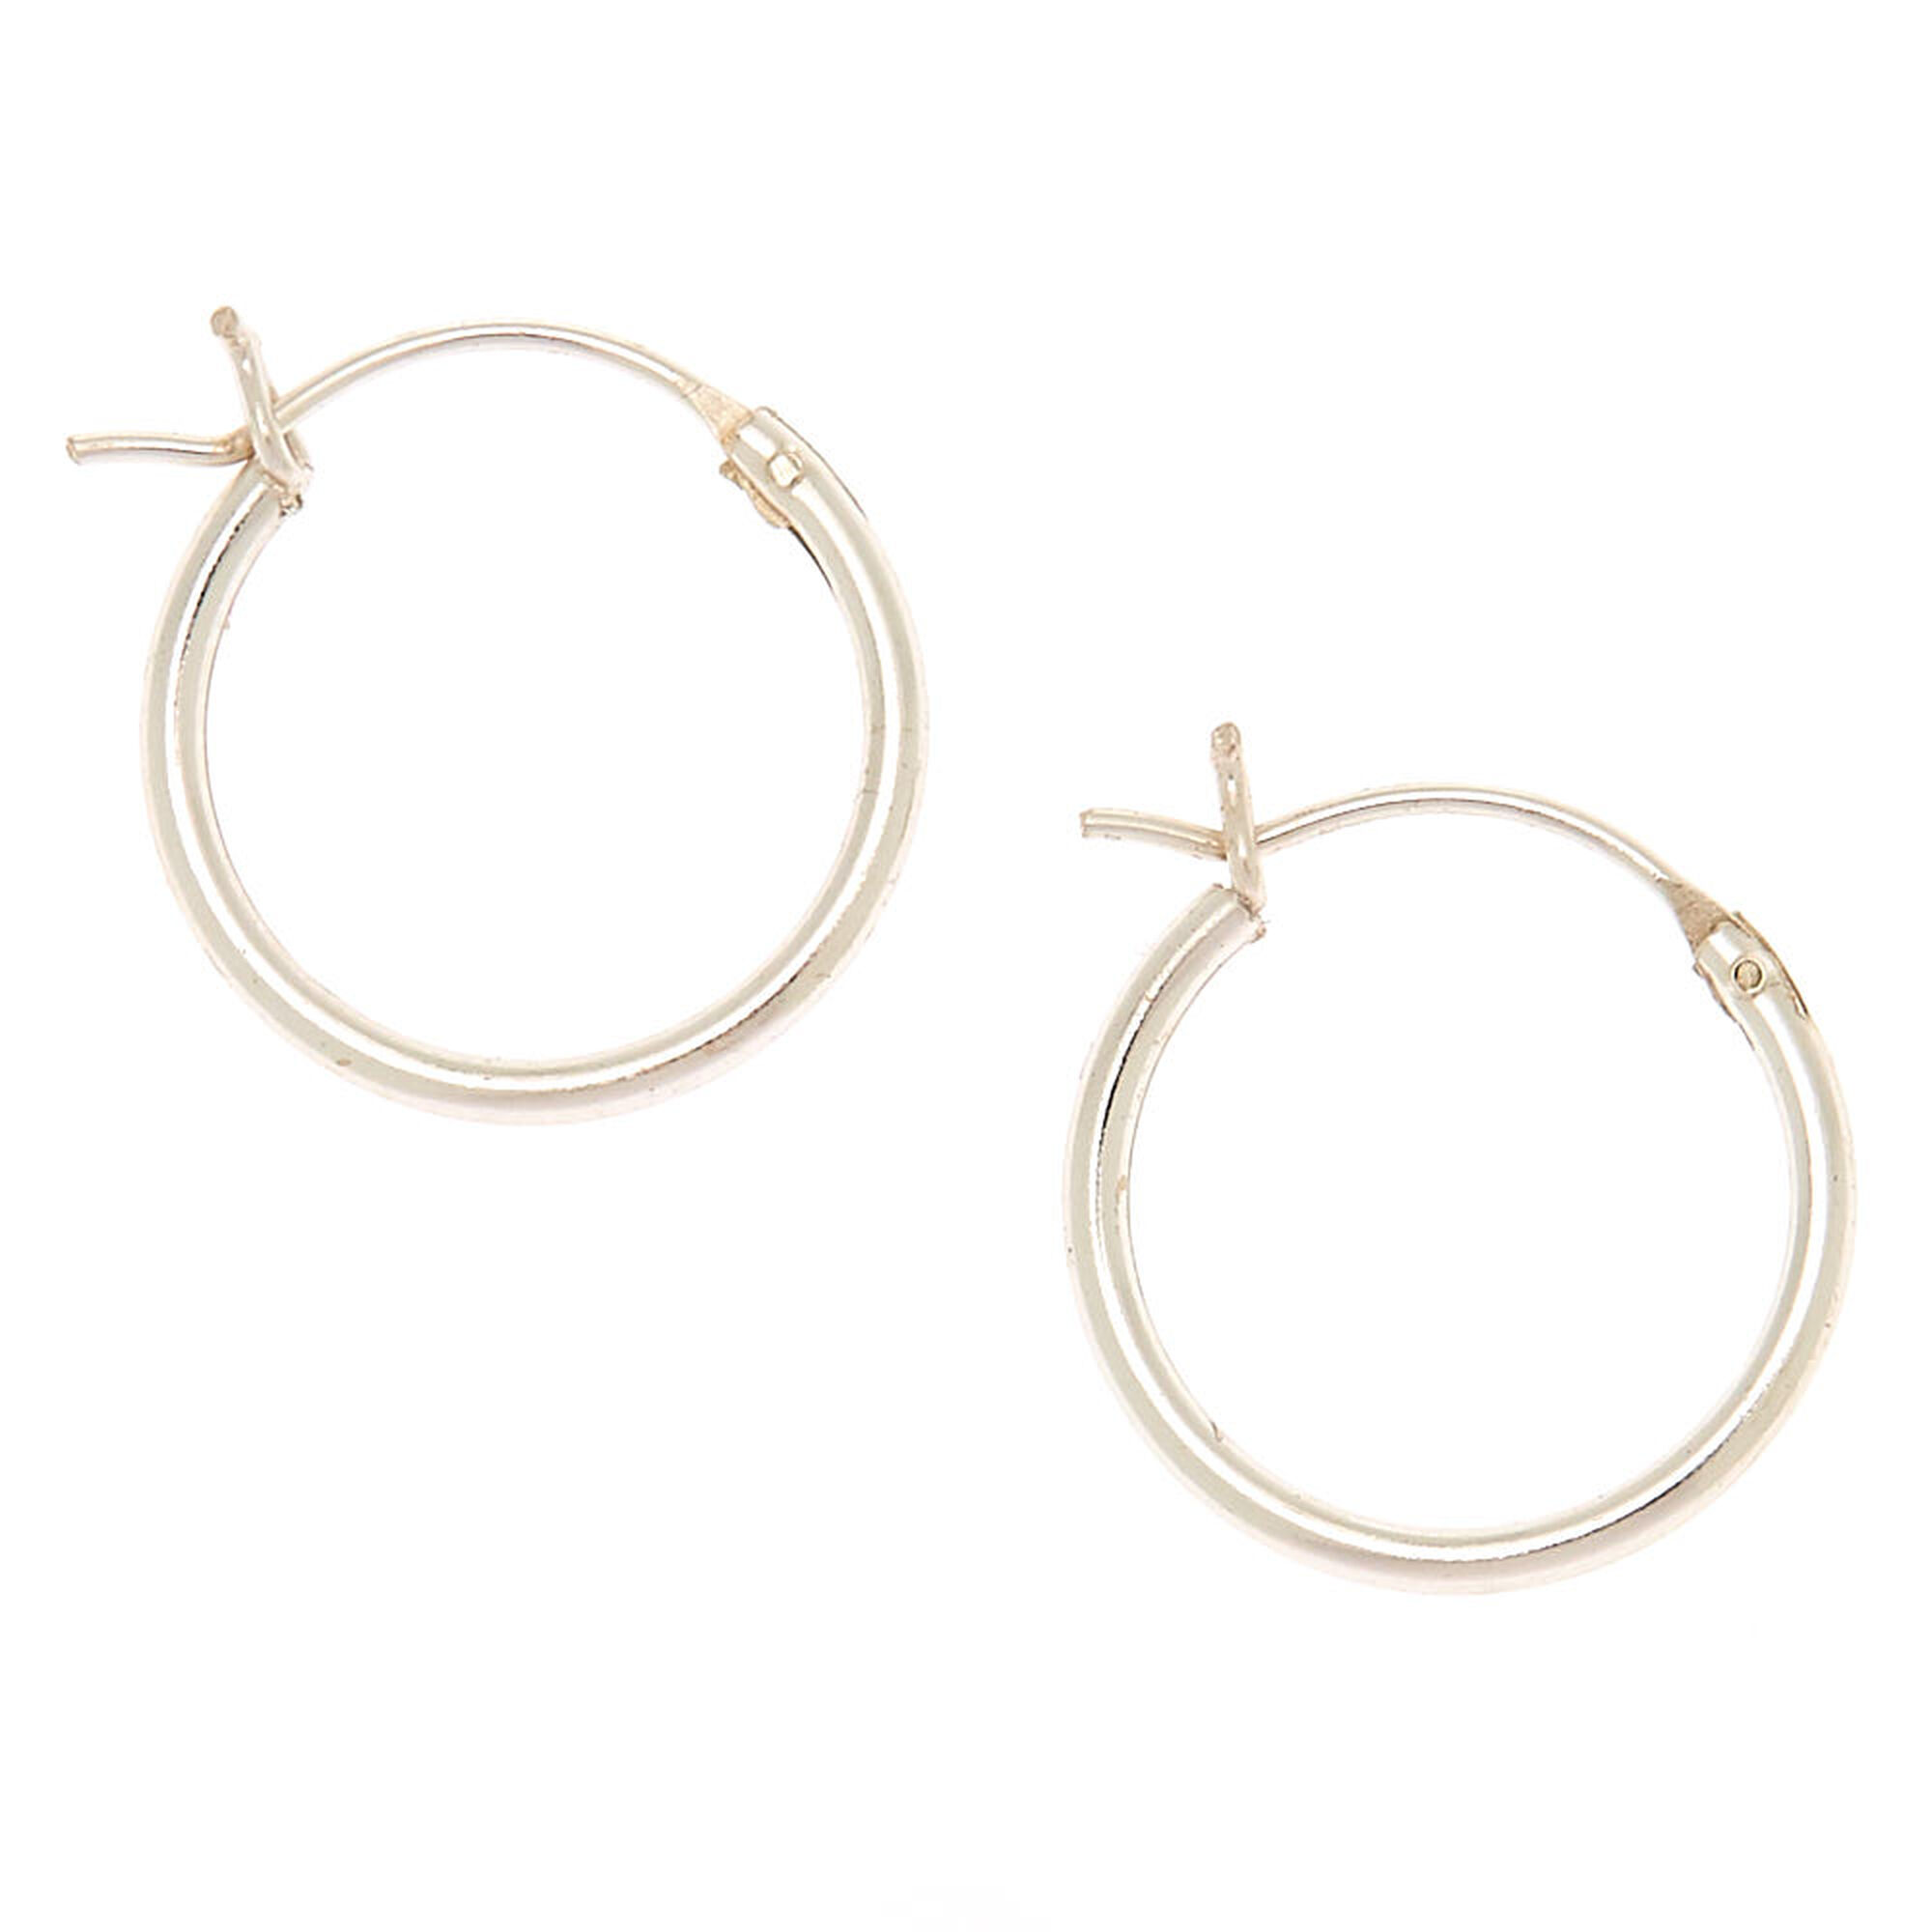 ef5761b9f Sterling Silver 14MM Hinged Hoop Earrings | Icing US